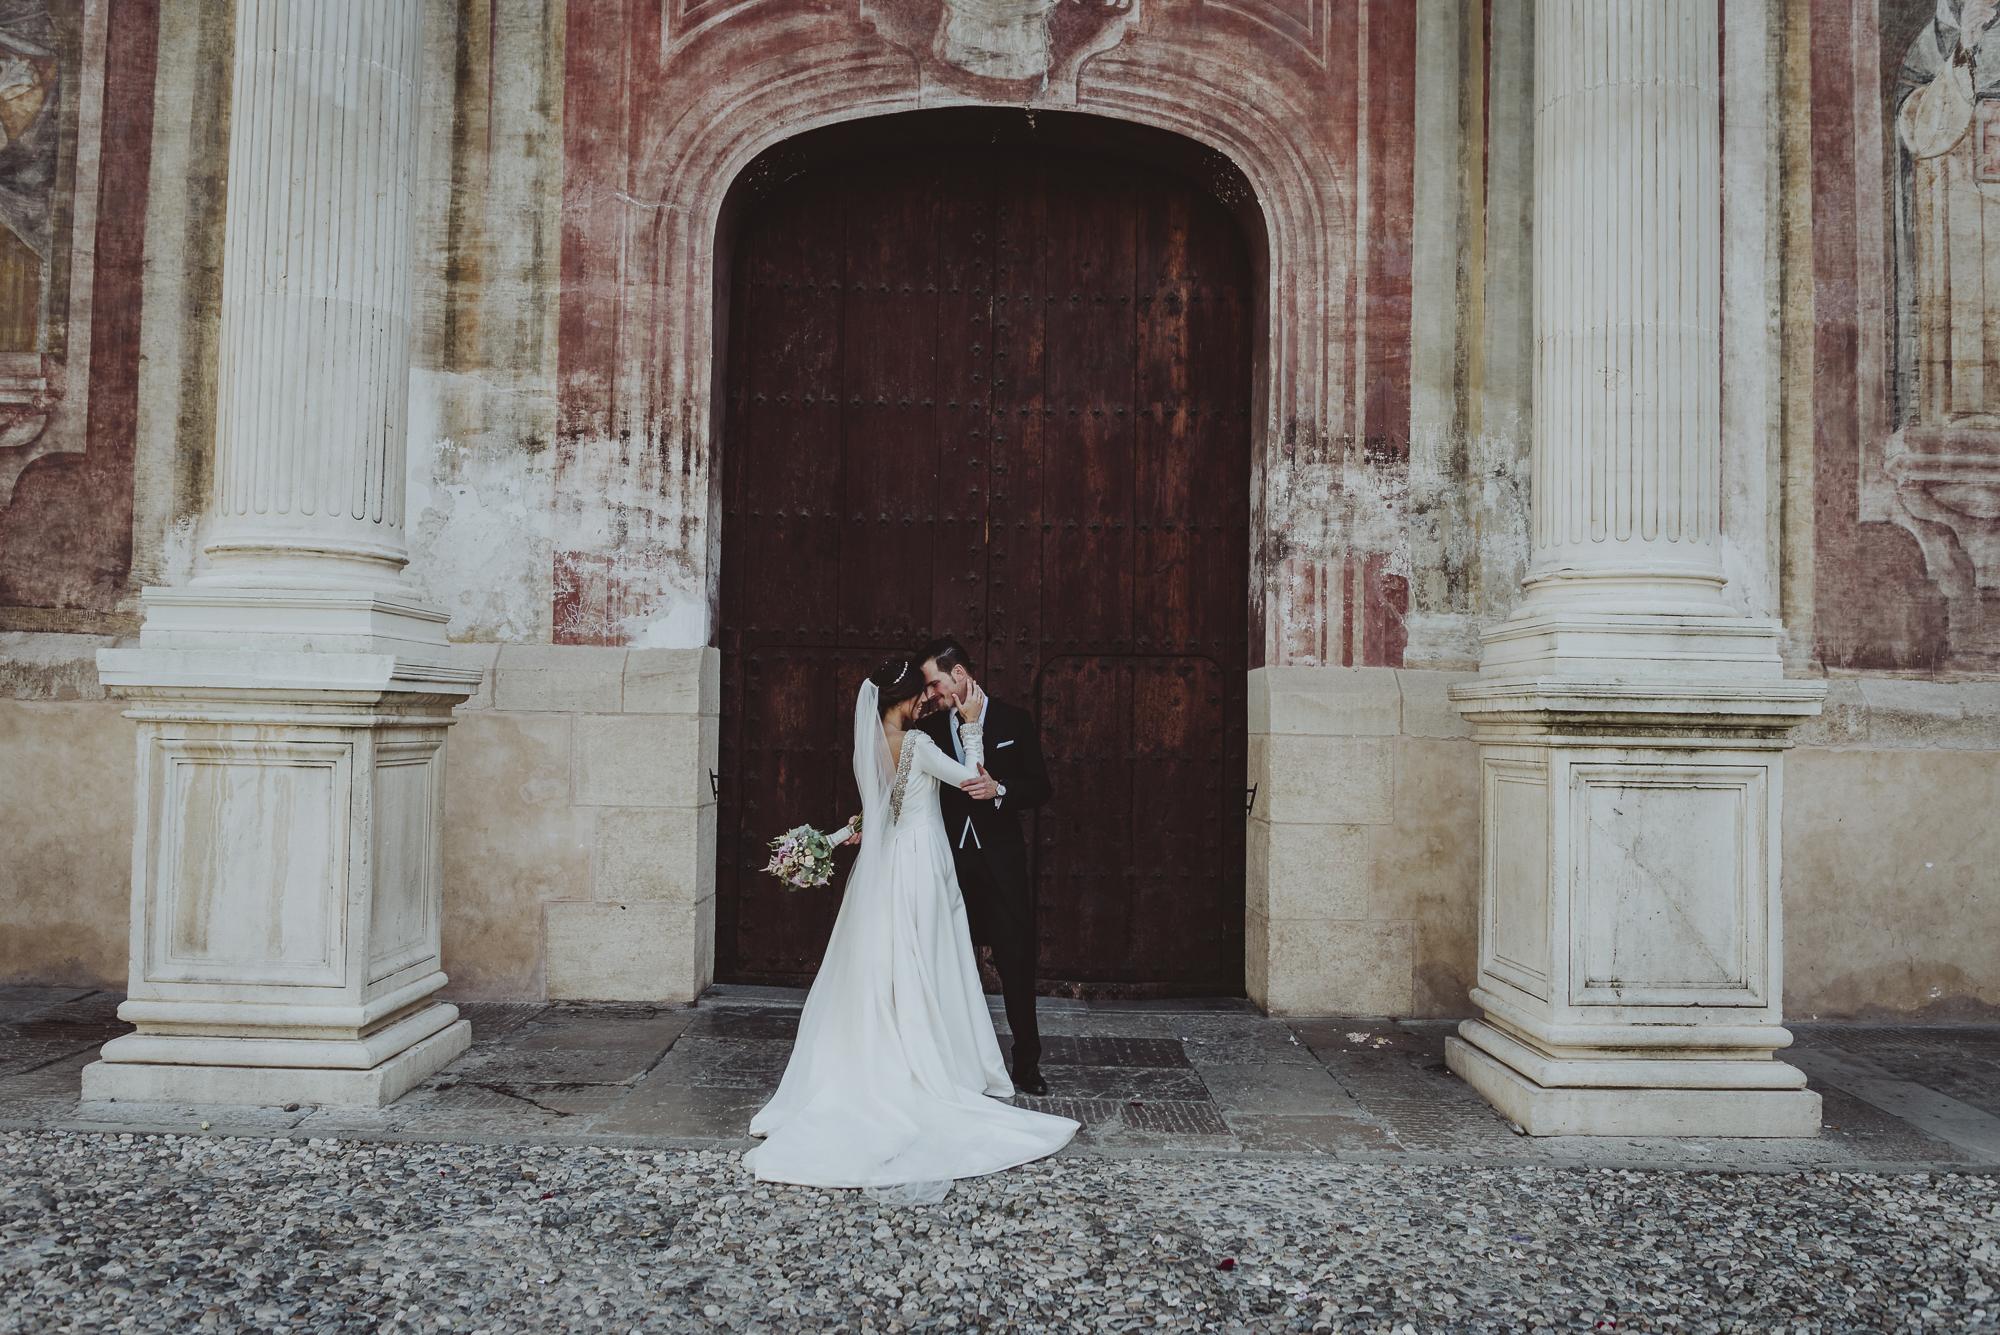 garate-fotografia-de-boda-en-Granada (57)